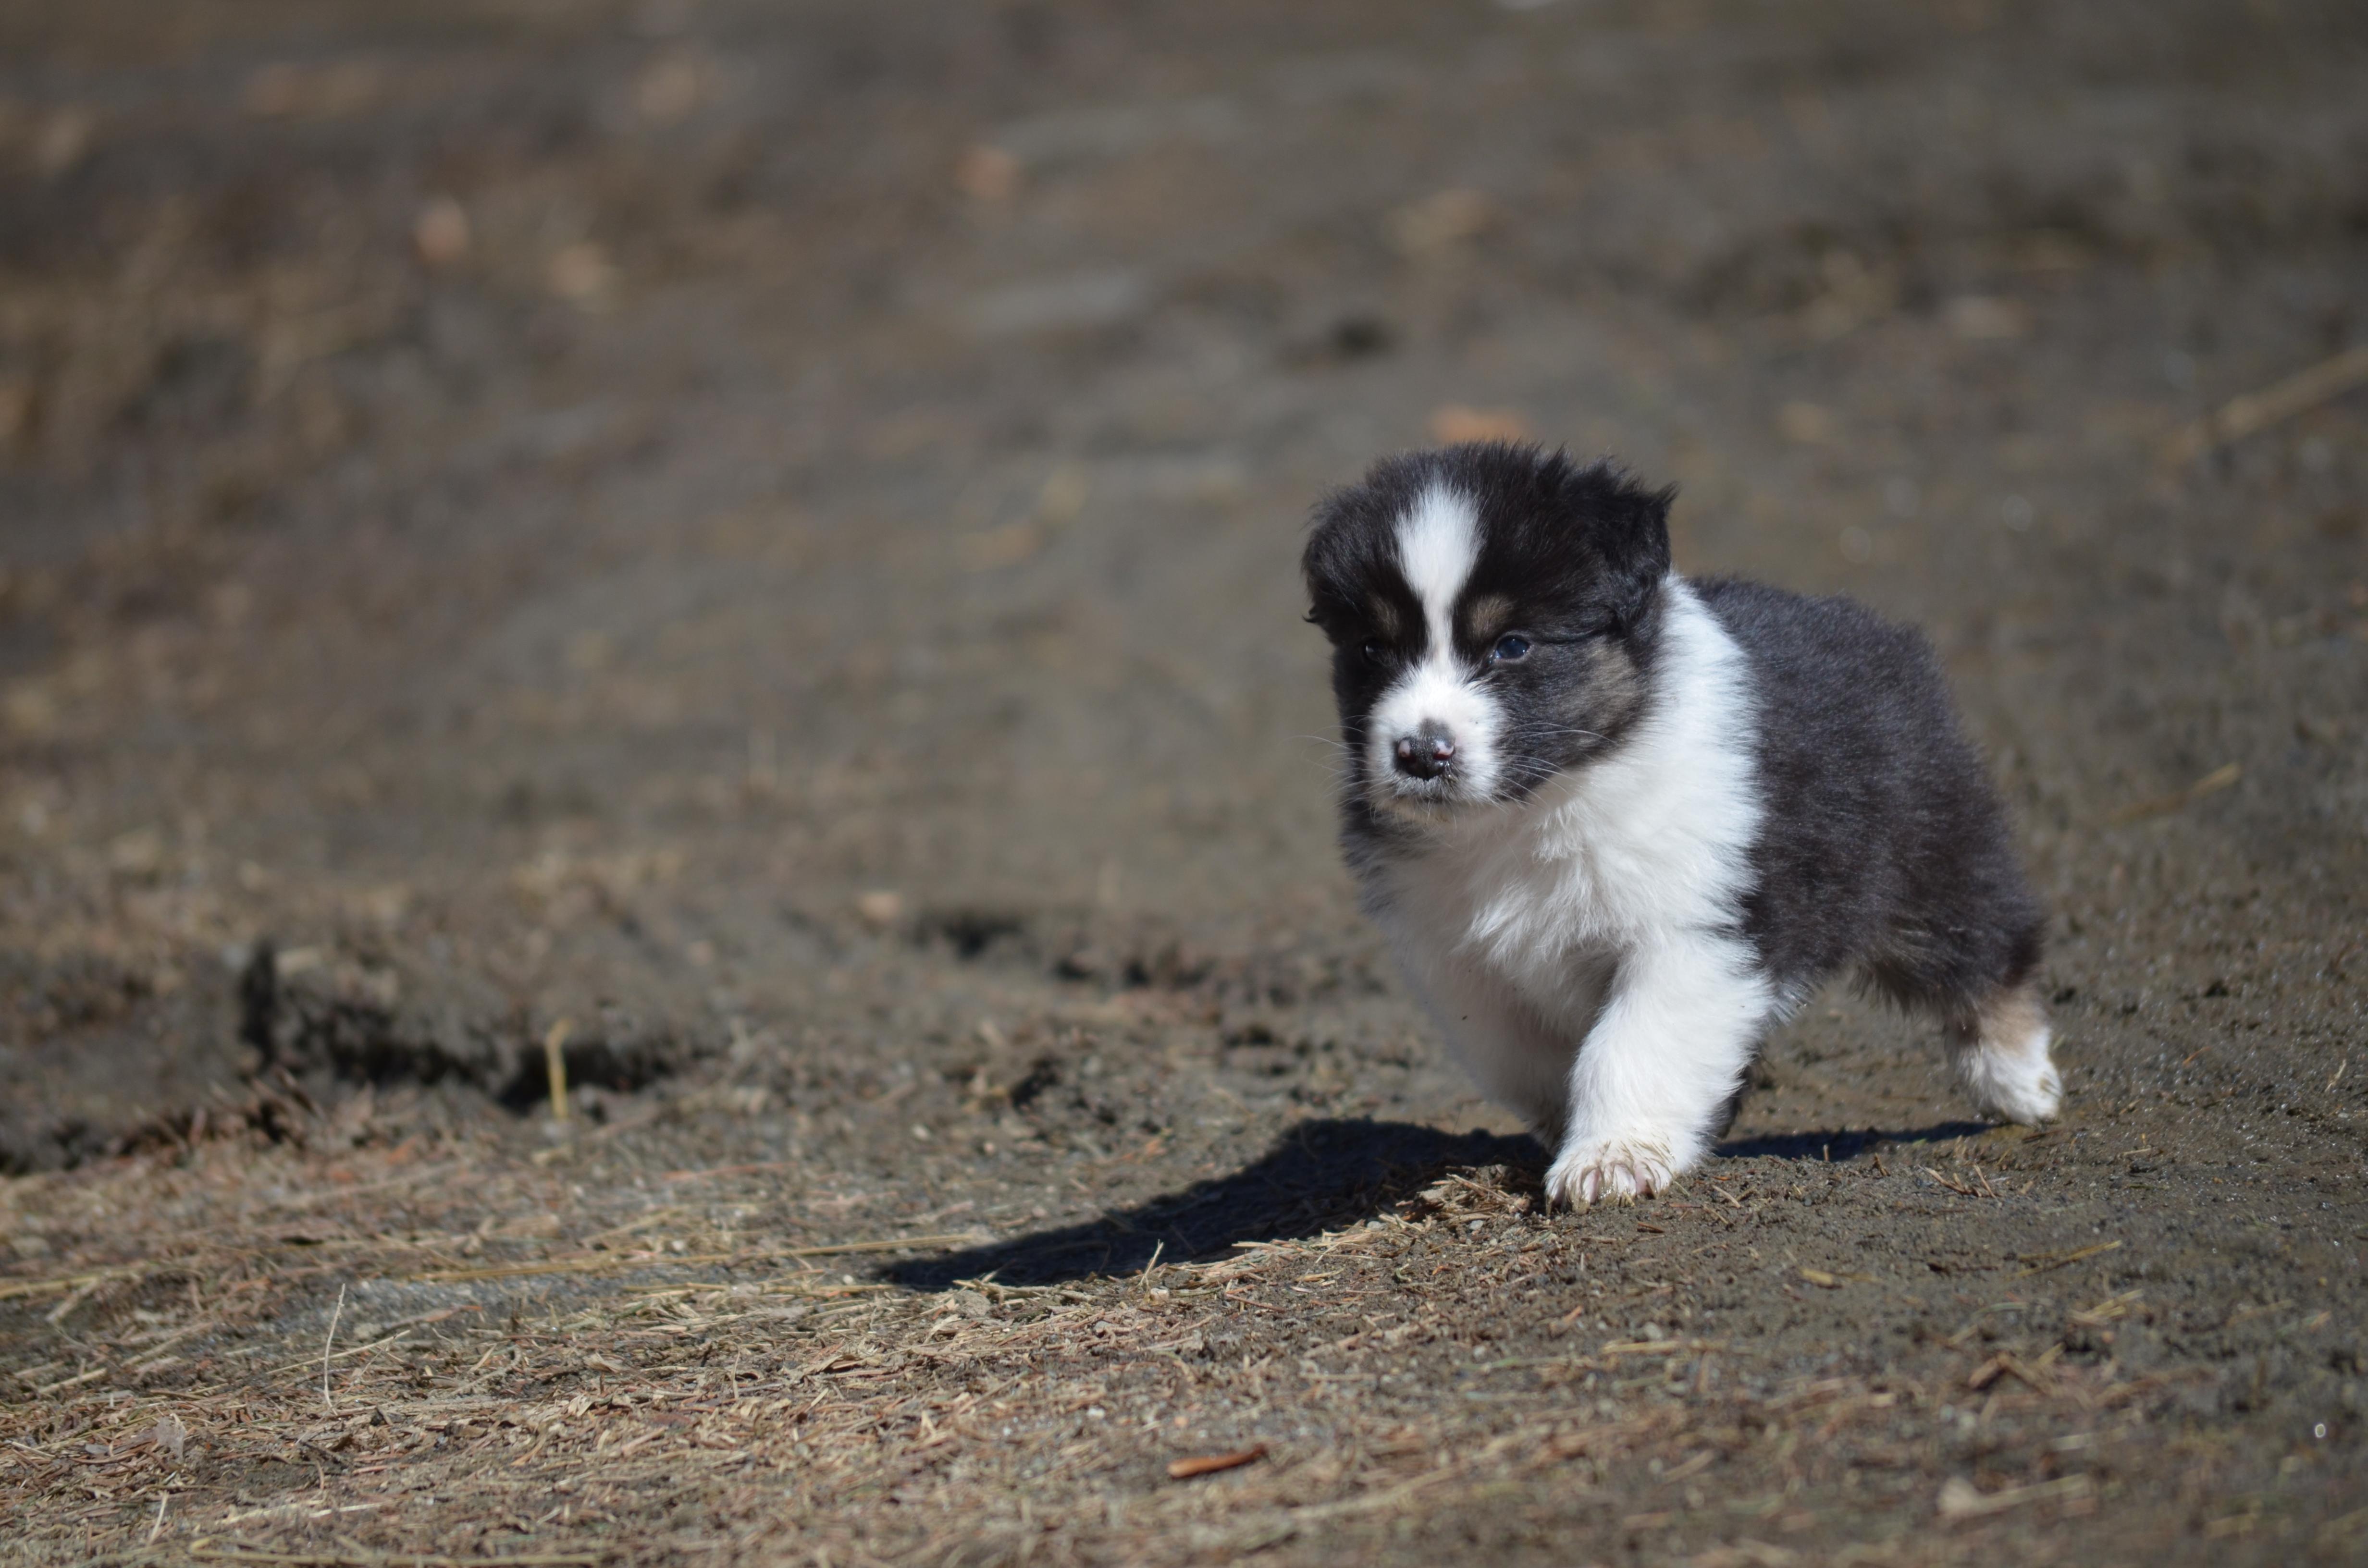 Flea x Punch Puppies Update